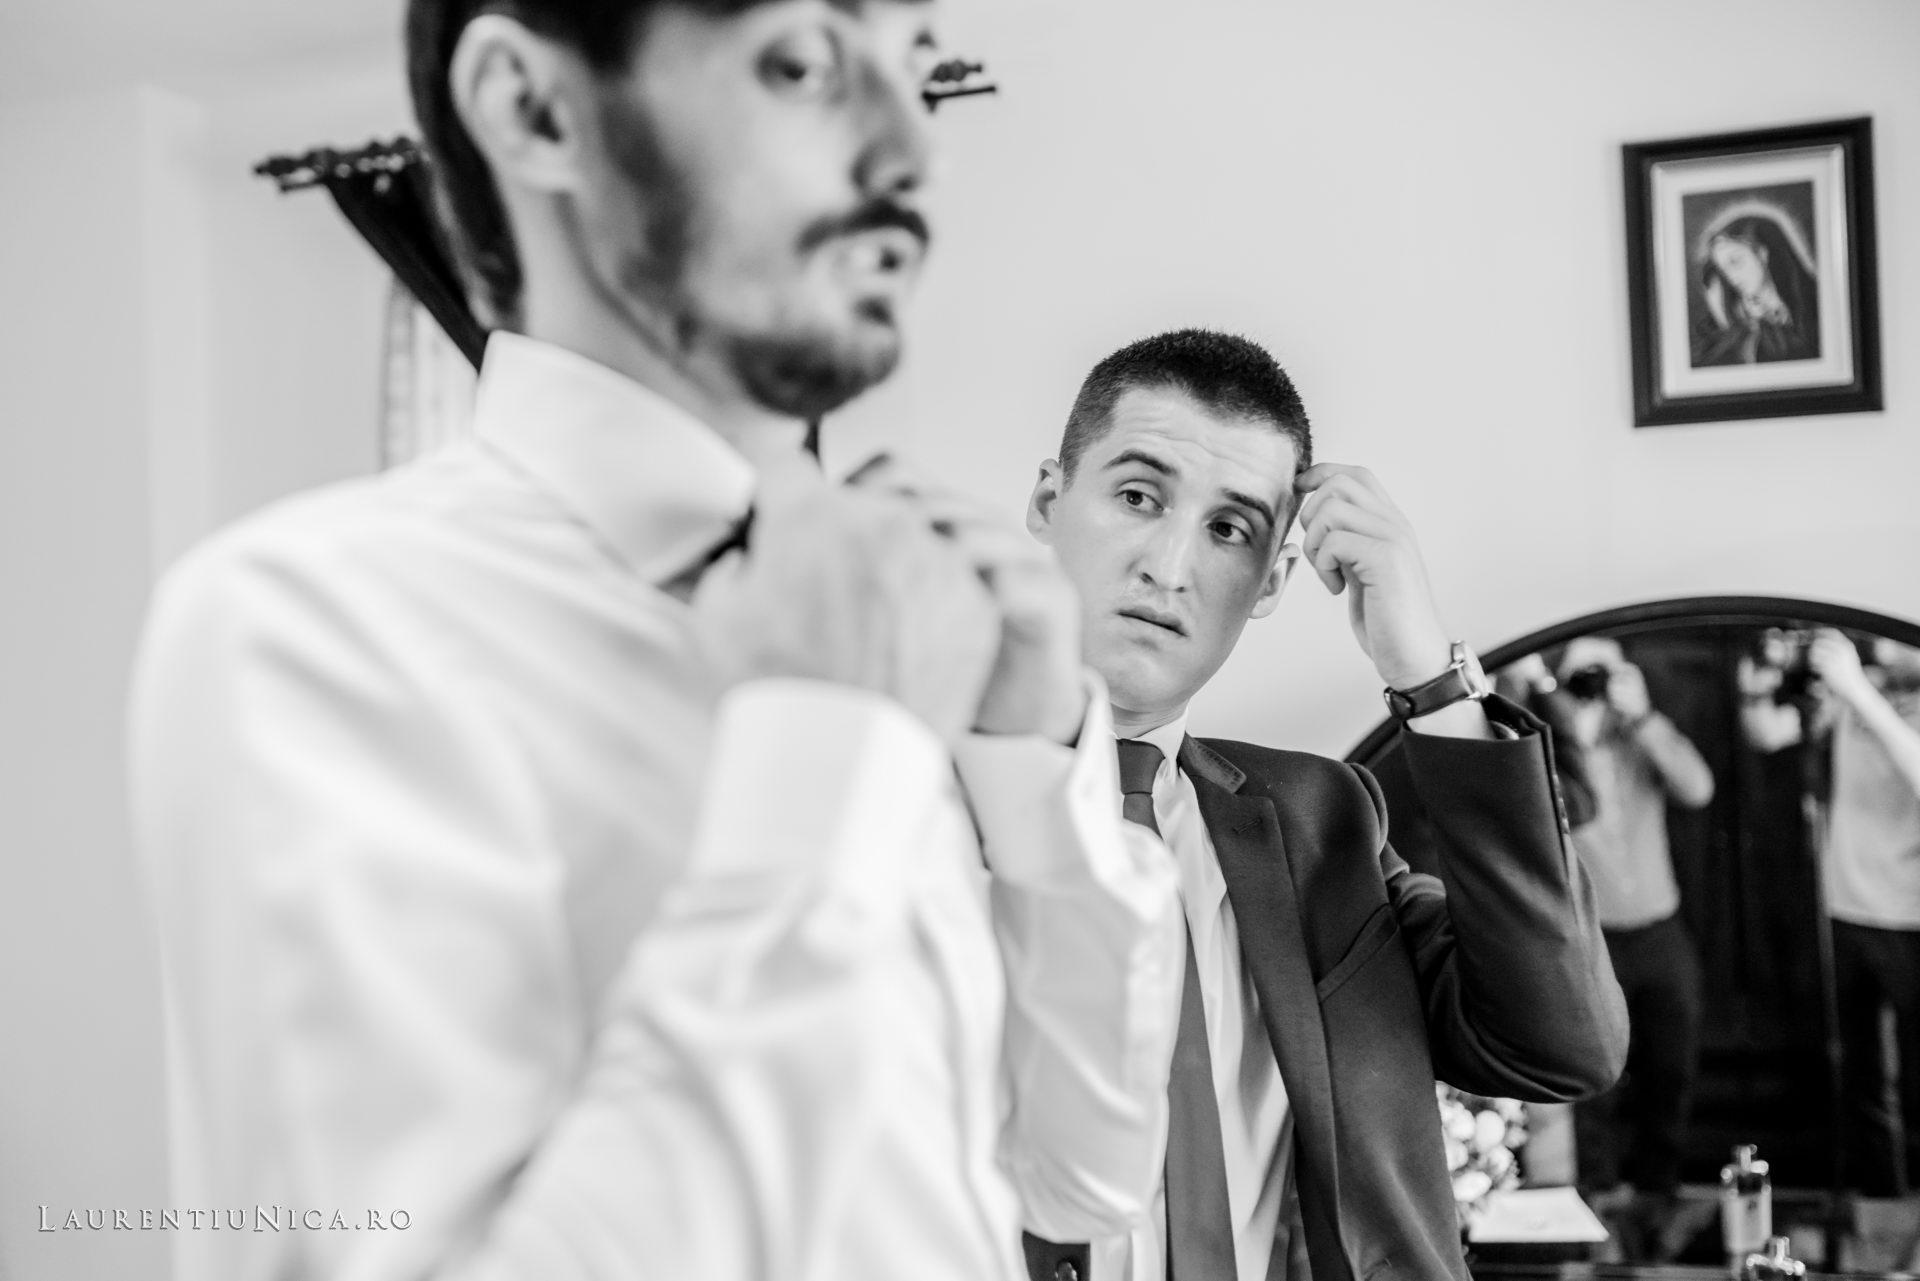 Cristina si Ovidiu nunta Craiova fotograf laurentiu nica 037 - Cristina & Ovidiu | Fotografii nunta | Craiova